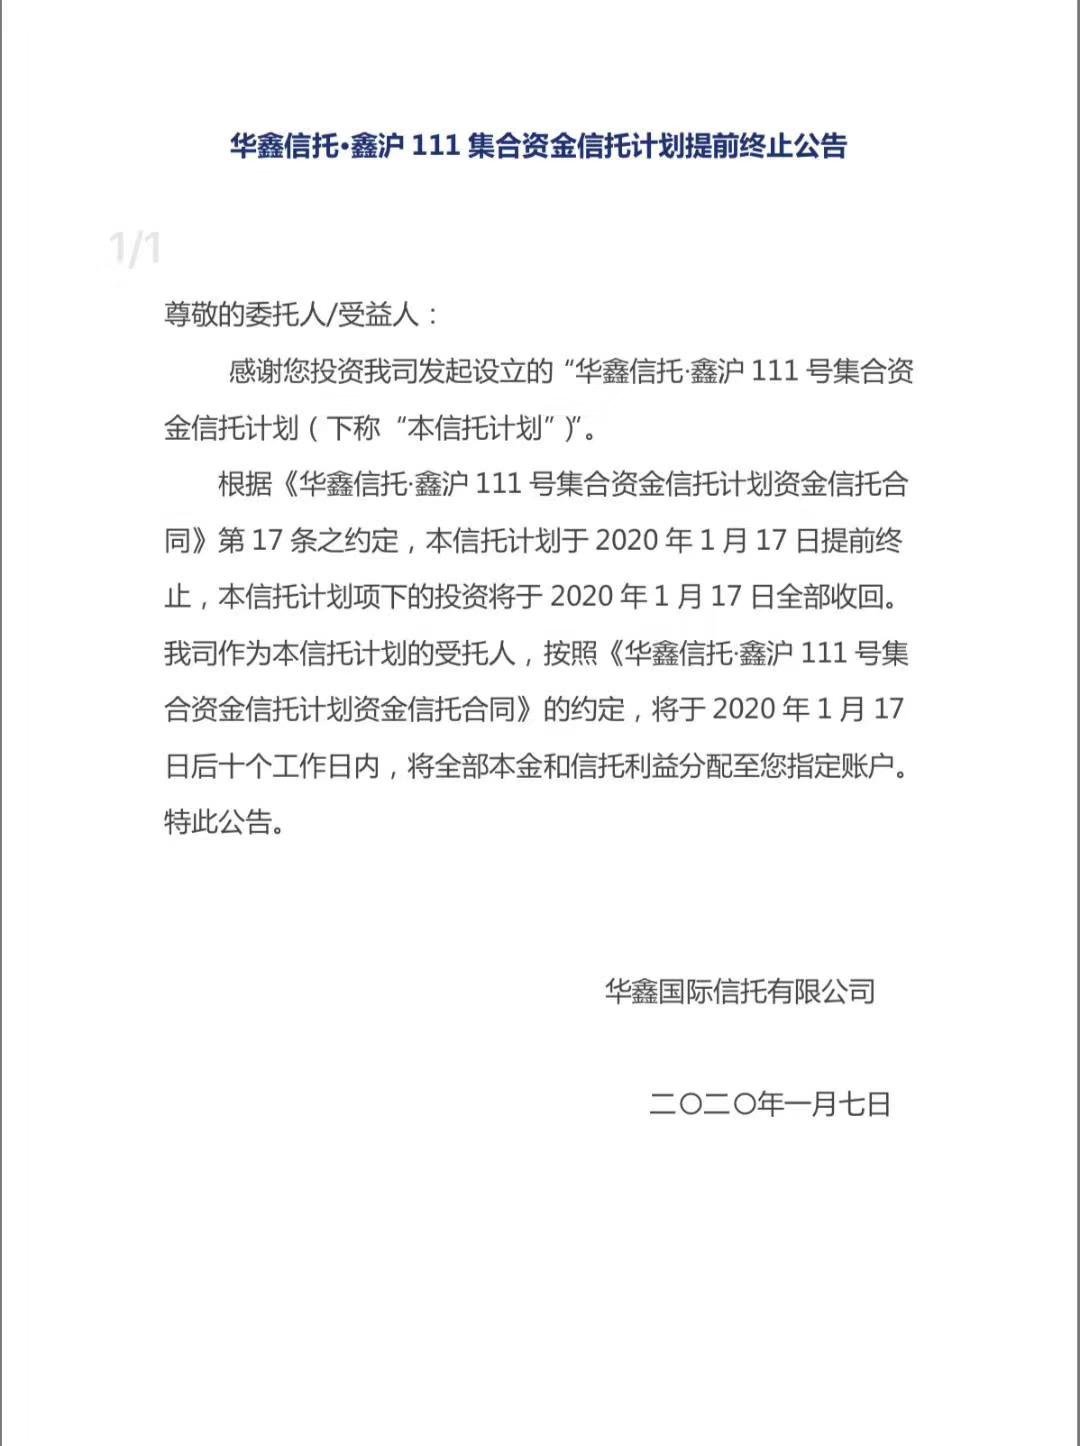 华鑫信托-鑫沪111集合资金信托计划提前终止公告.jpg